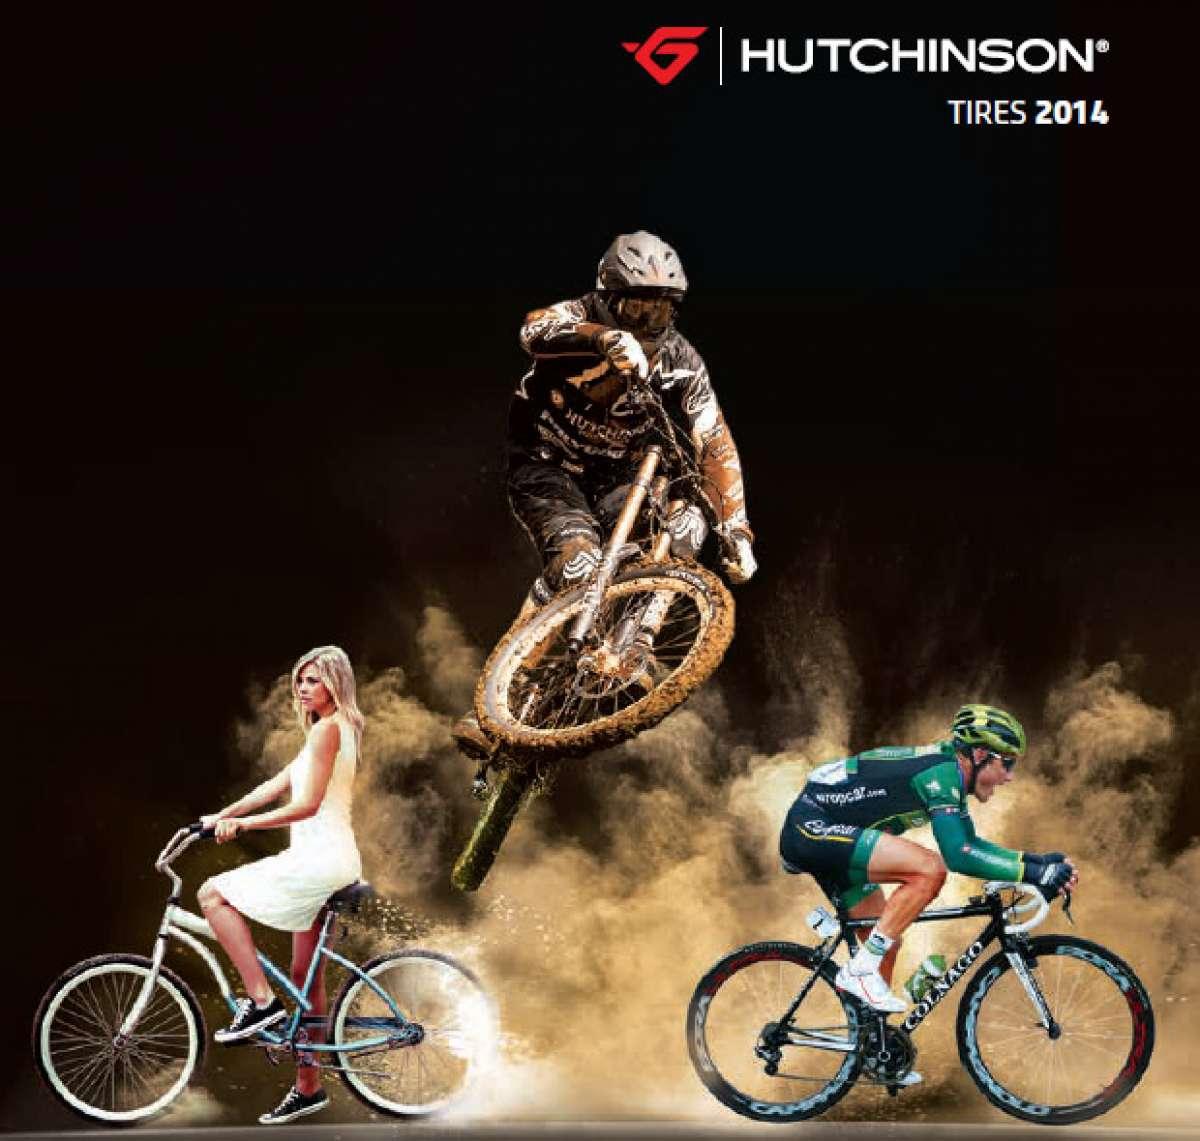 Catálogo de Hutchinson 2014. Toda la gama de cubiertas Hutchinson para la temporada 2014